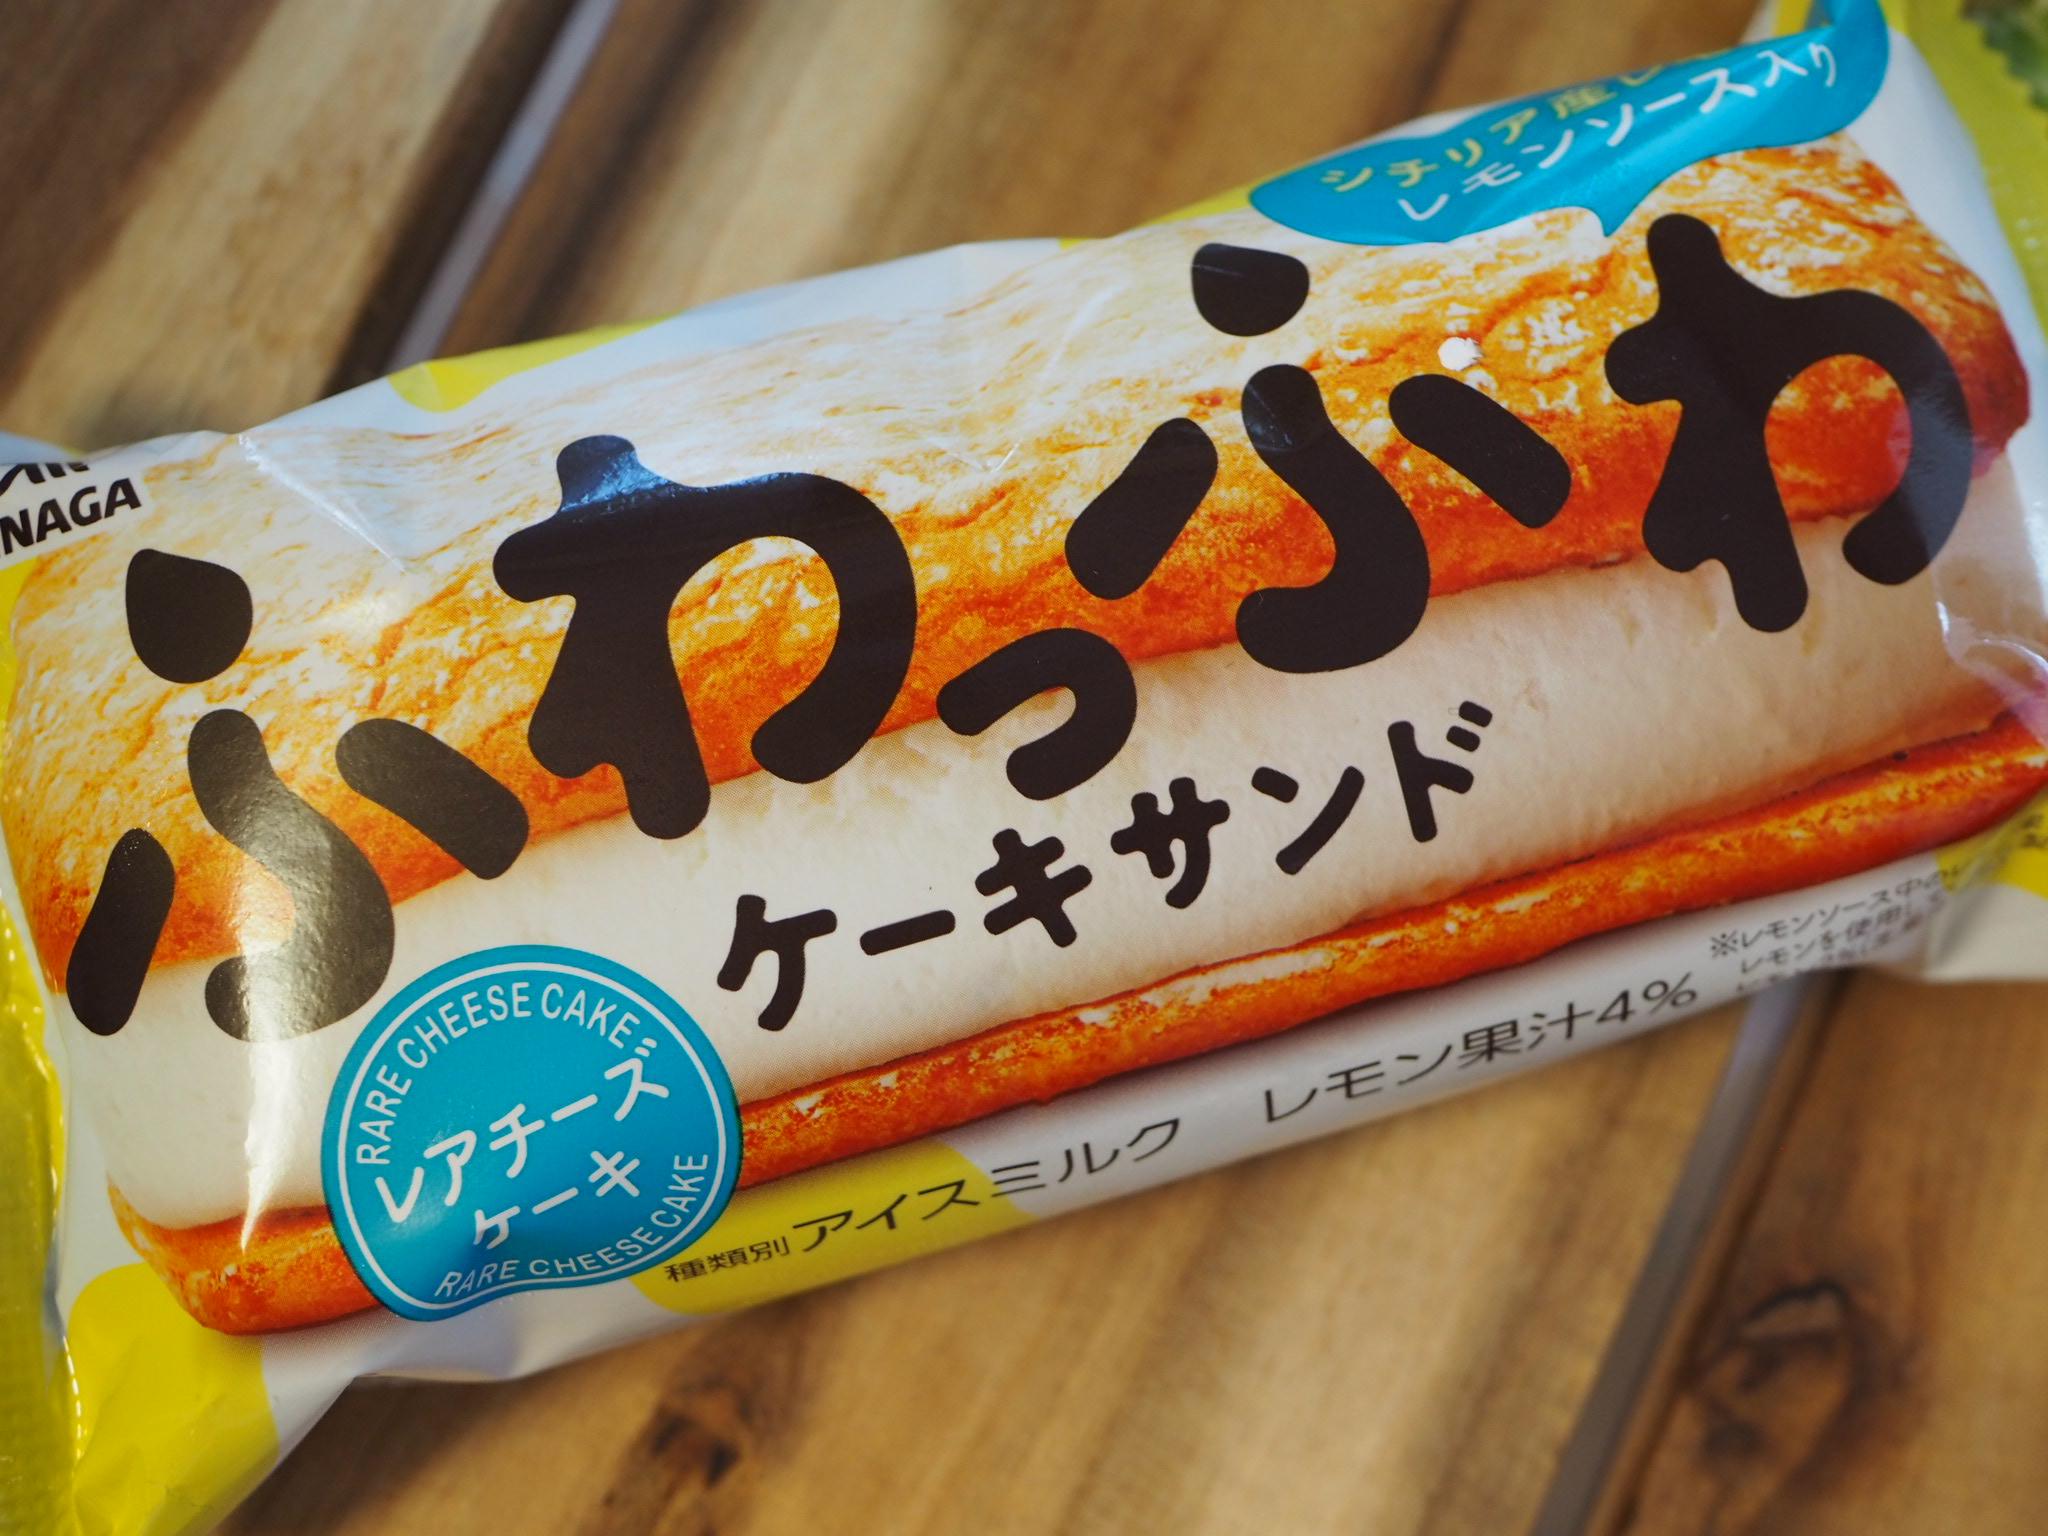 【おすすめアイス】一度は食べて!ファミマ限定アイス《ふわっふわケーキサンド》が美味しい♡_2